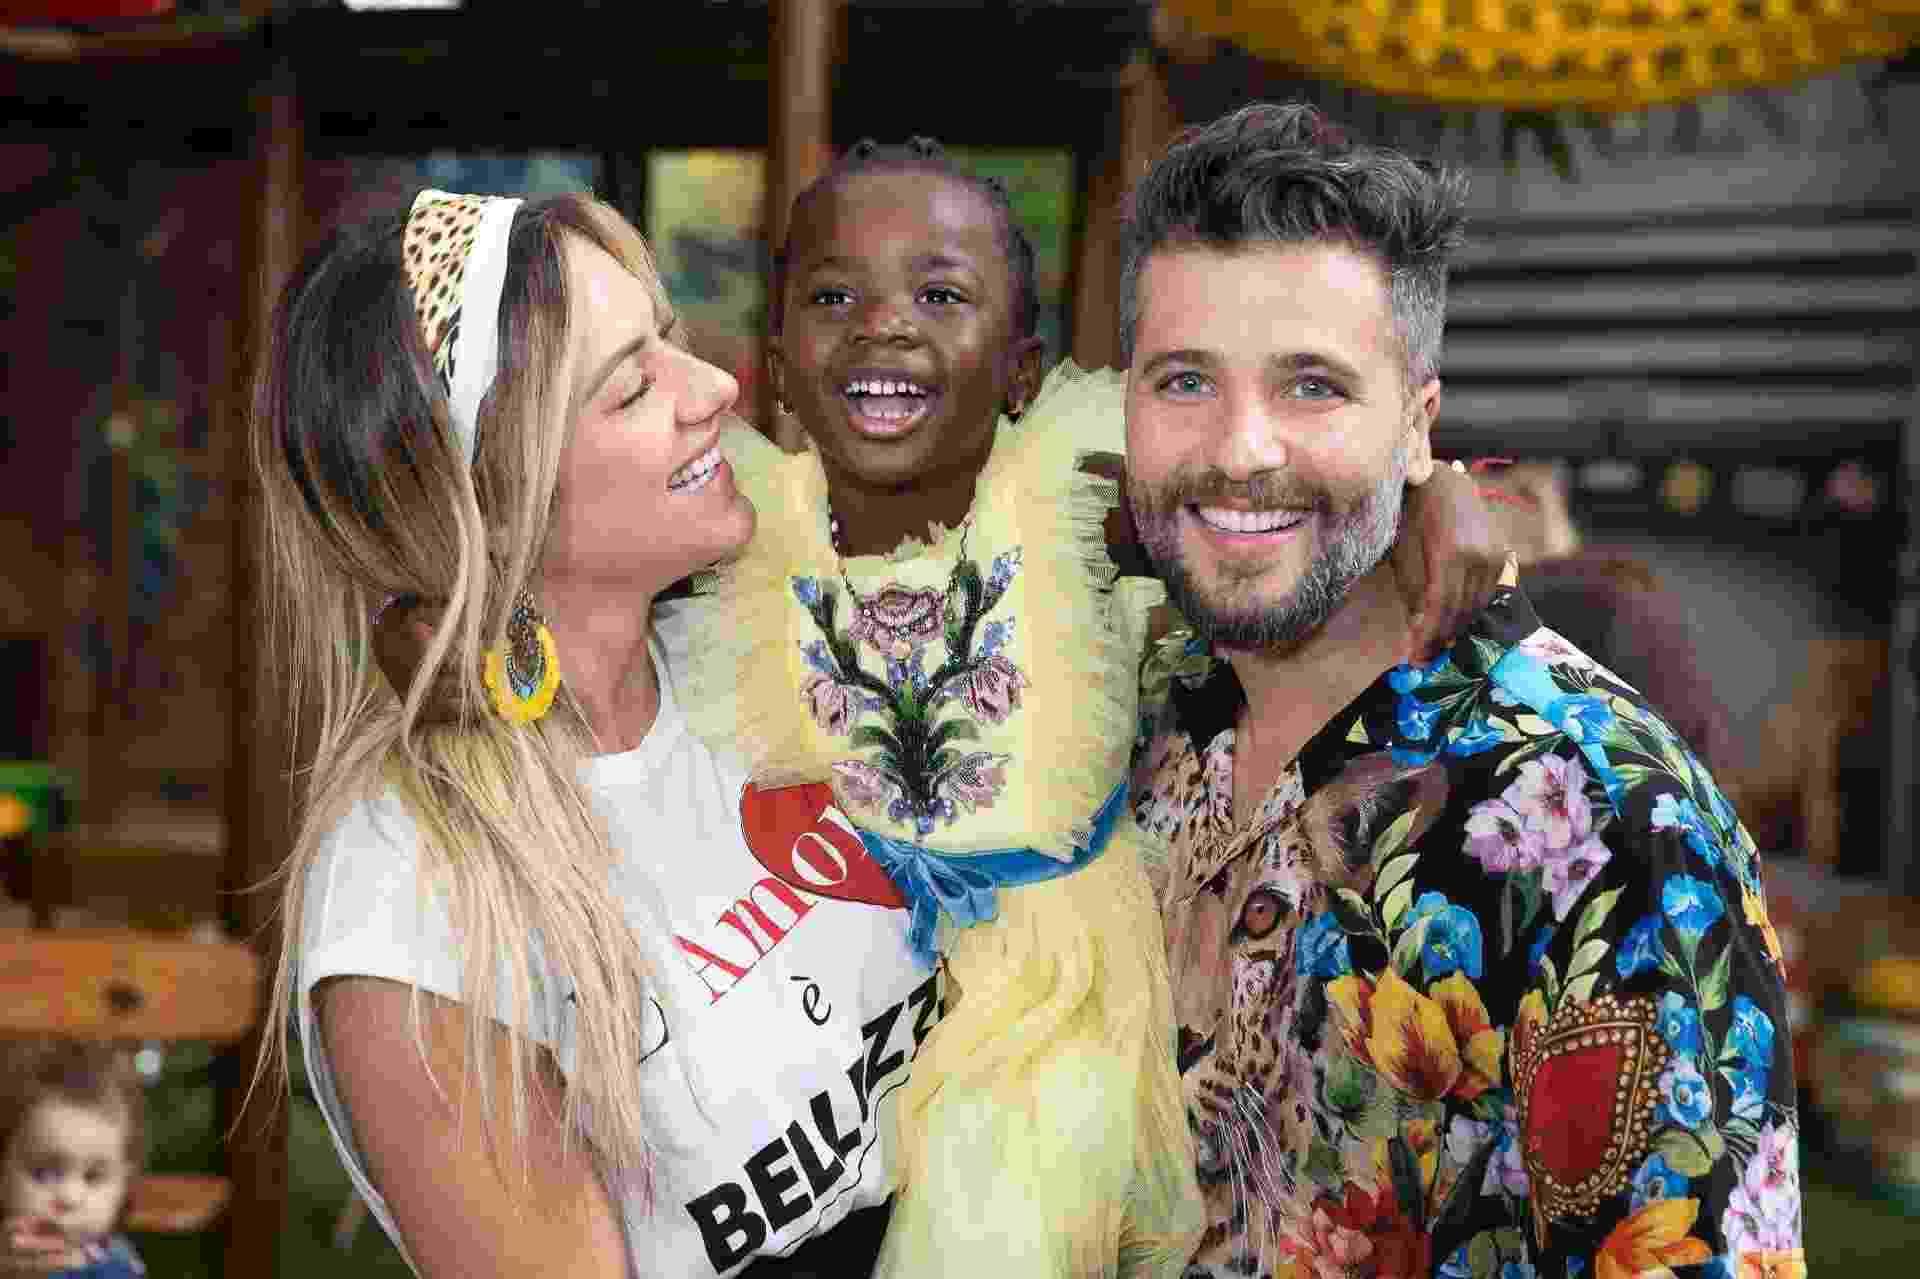 """Com o tema """"Titi Miraculous"""", inspirada no desenho """"As Aventuras de Lady Bug"""", Titi, filha de Giovanna Ewbank e Bruno Gagliasso completou cinco anos e reuniu convidados famosos em sua festa na manhã deste sábado (16) no Rio - Felipe Panfili/Divulgação"""